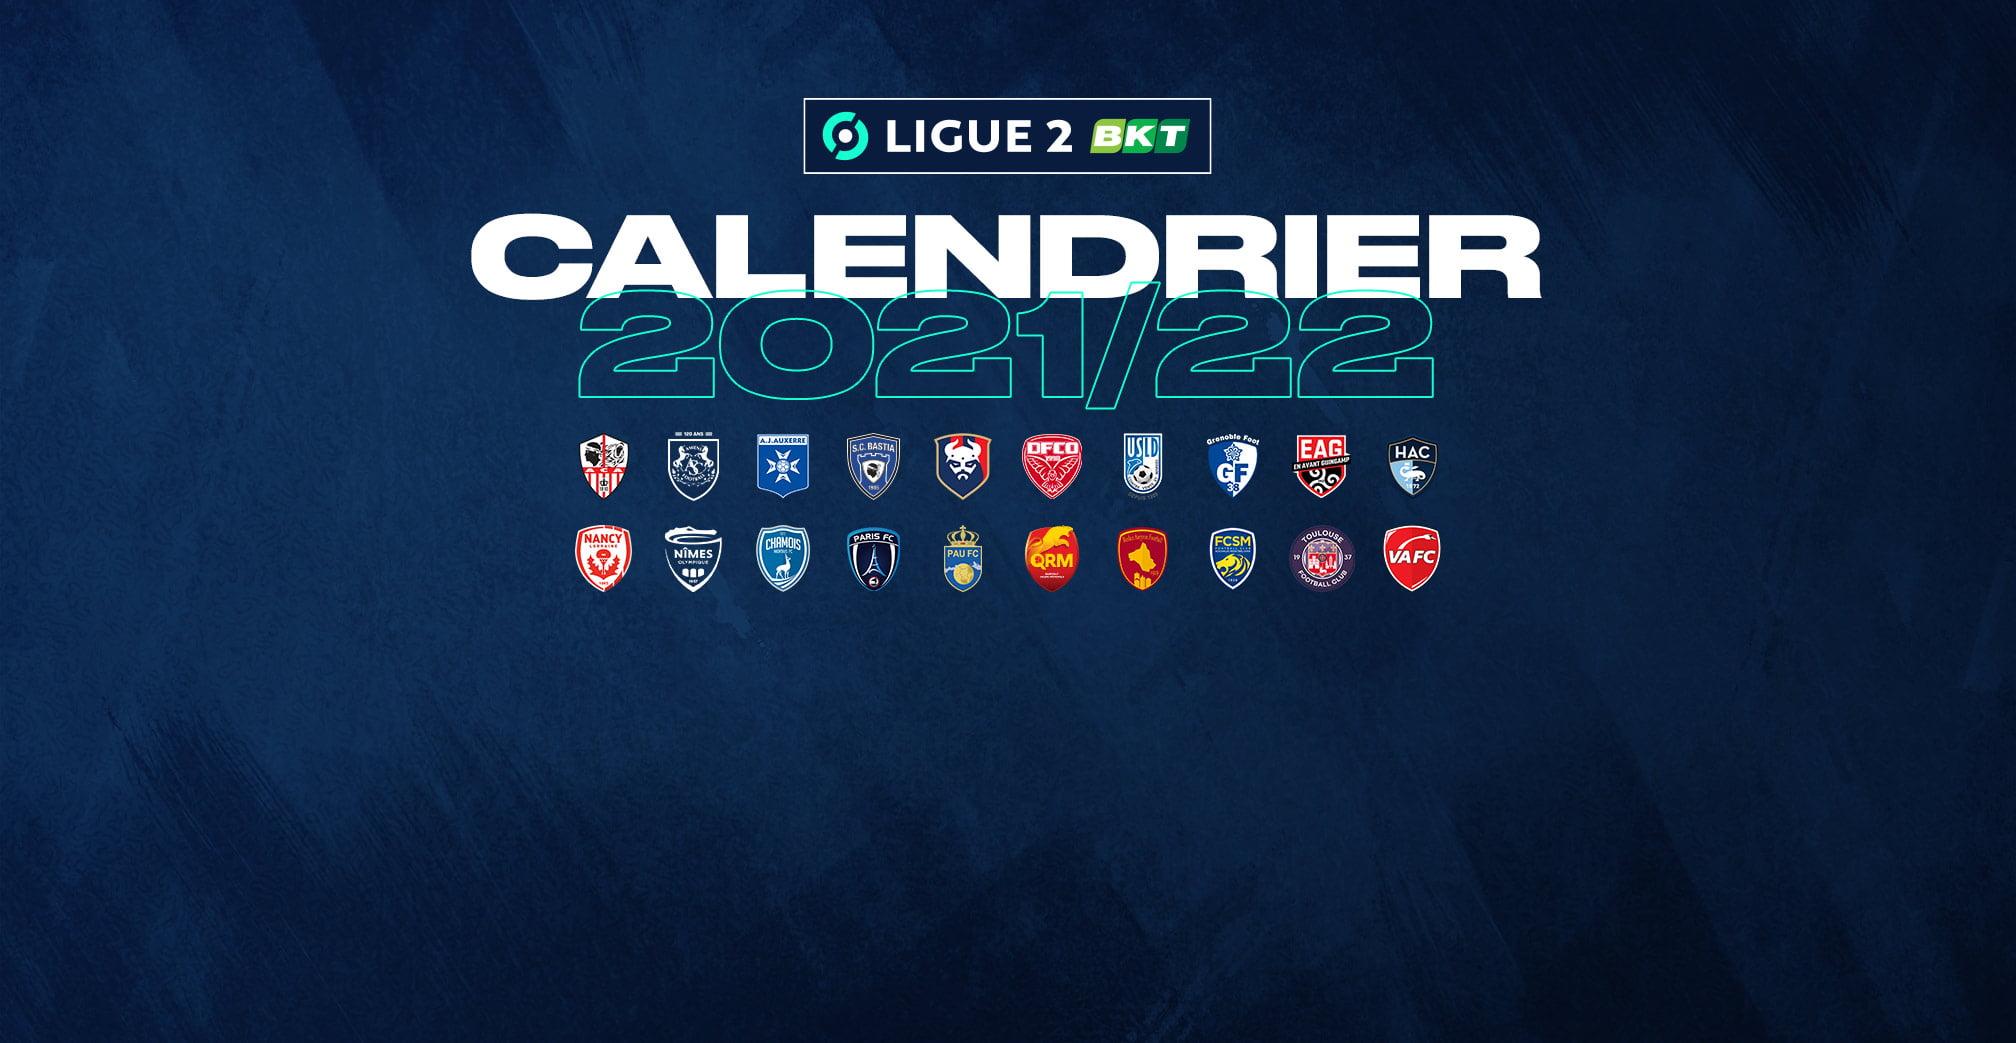 Calendrier 2022 Ligue 2 Ligue 2 BKT : le calendrier de la saison 2021/2022